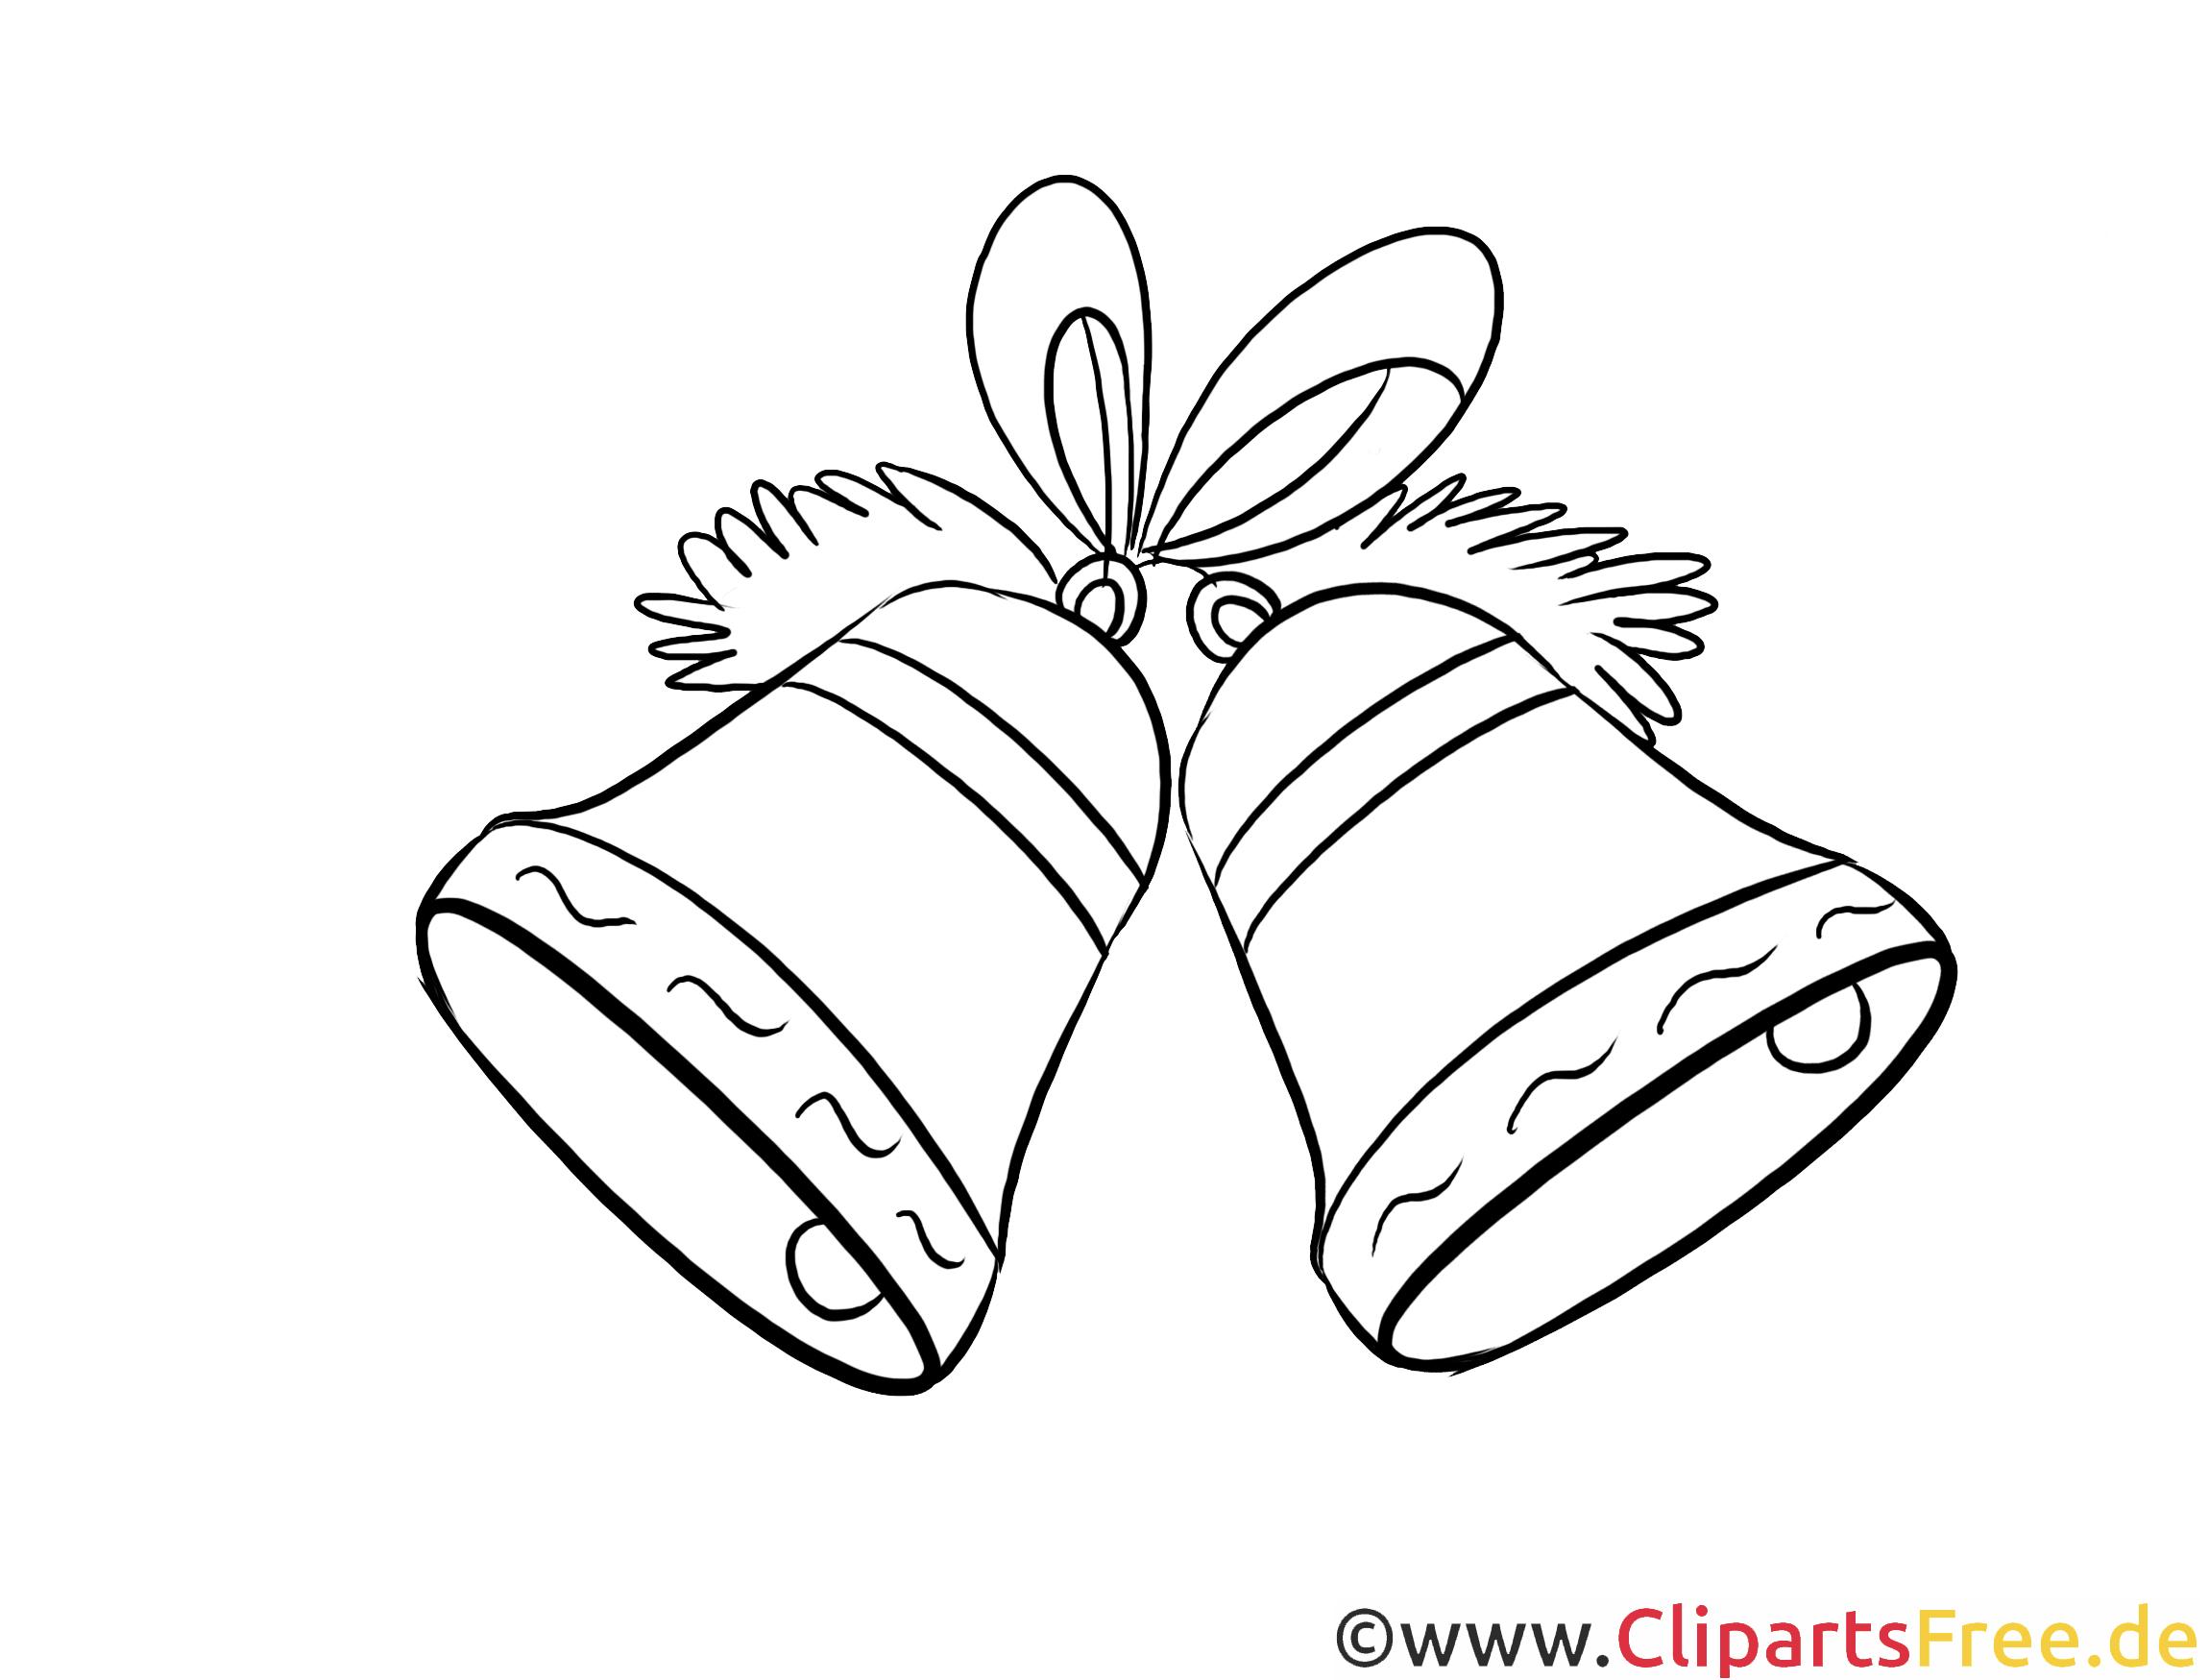 Weihnachten, Glocken Laubsägevorlagen Kostenlos Zum Basteln verwandt mit Weihnachtsbilder Vorlagen